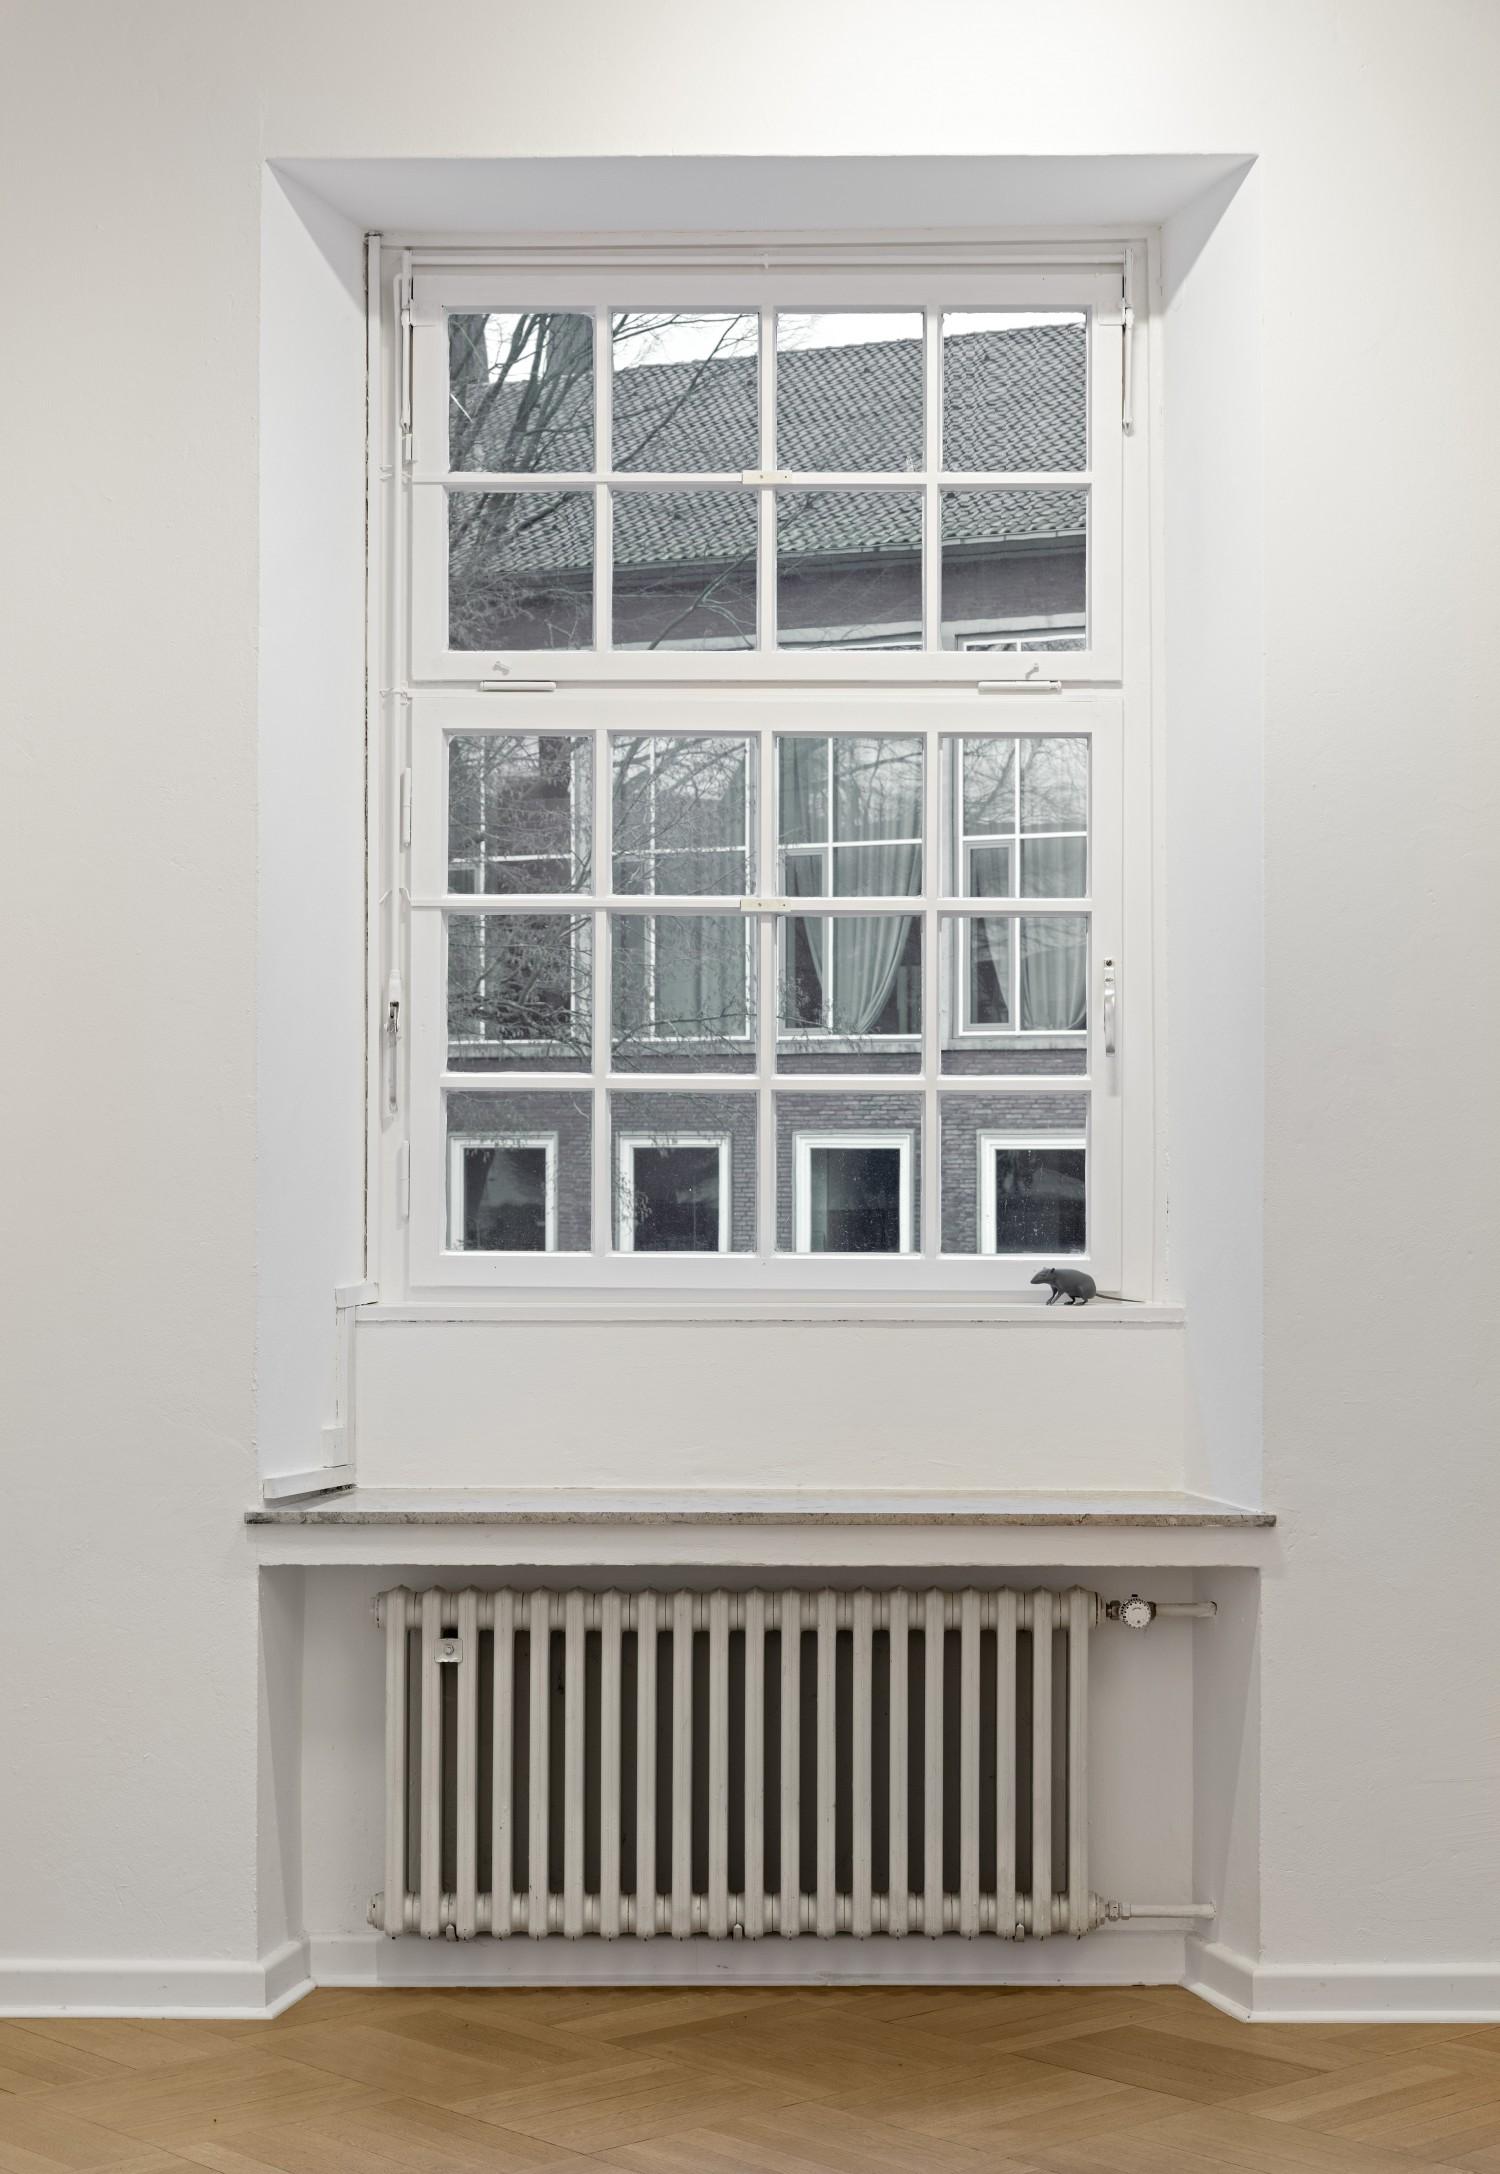 Eine 3D-gedruckte Maus auf dem Fensterbrett im Ausstellunsgraum platziert.